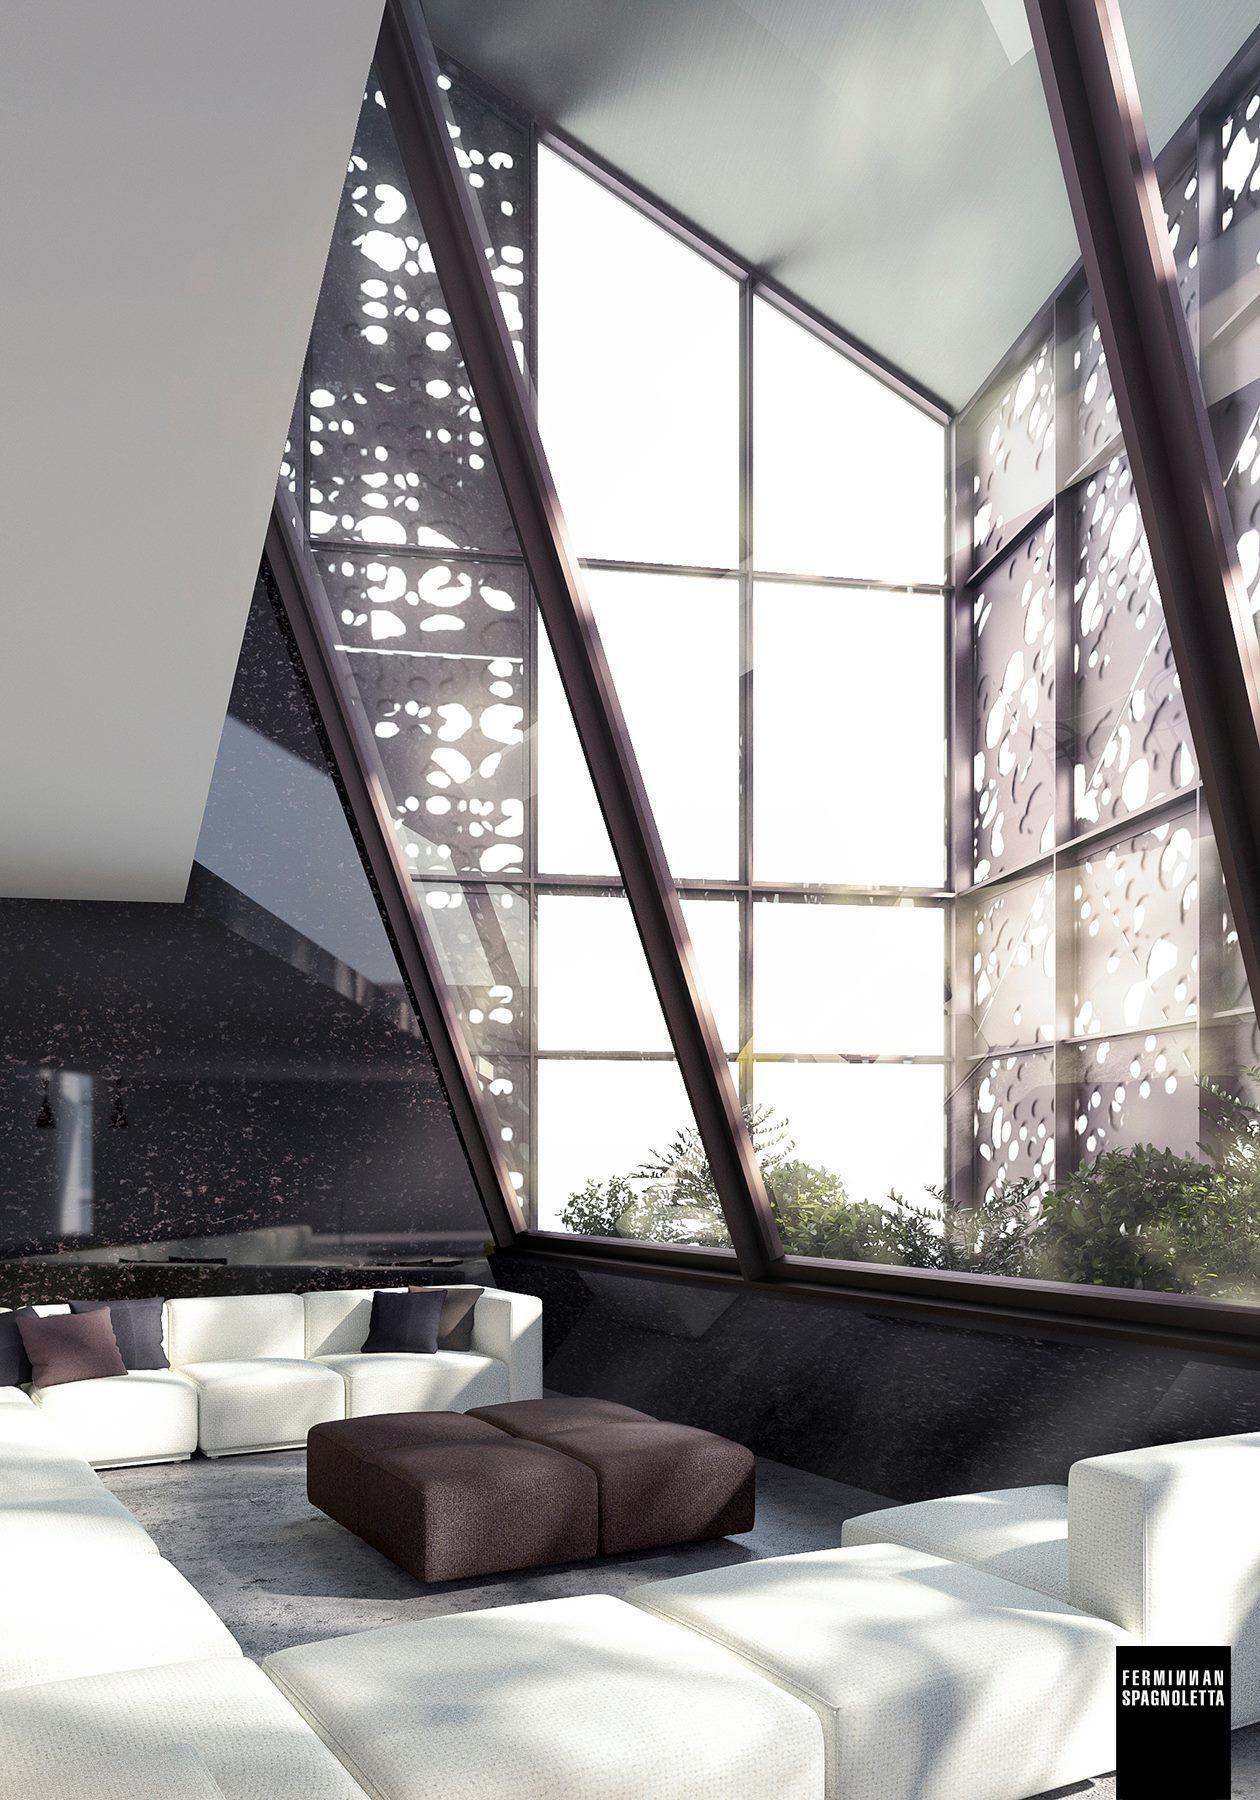 KALEYDOSCOPEHOTEL | Ferminnan+Spagnoletta architects | Berlin, DE